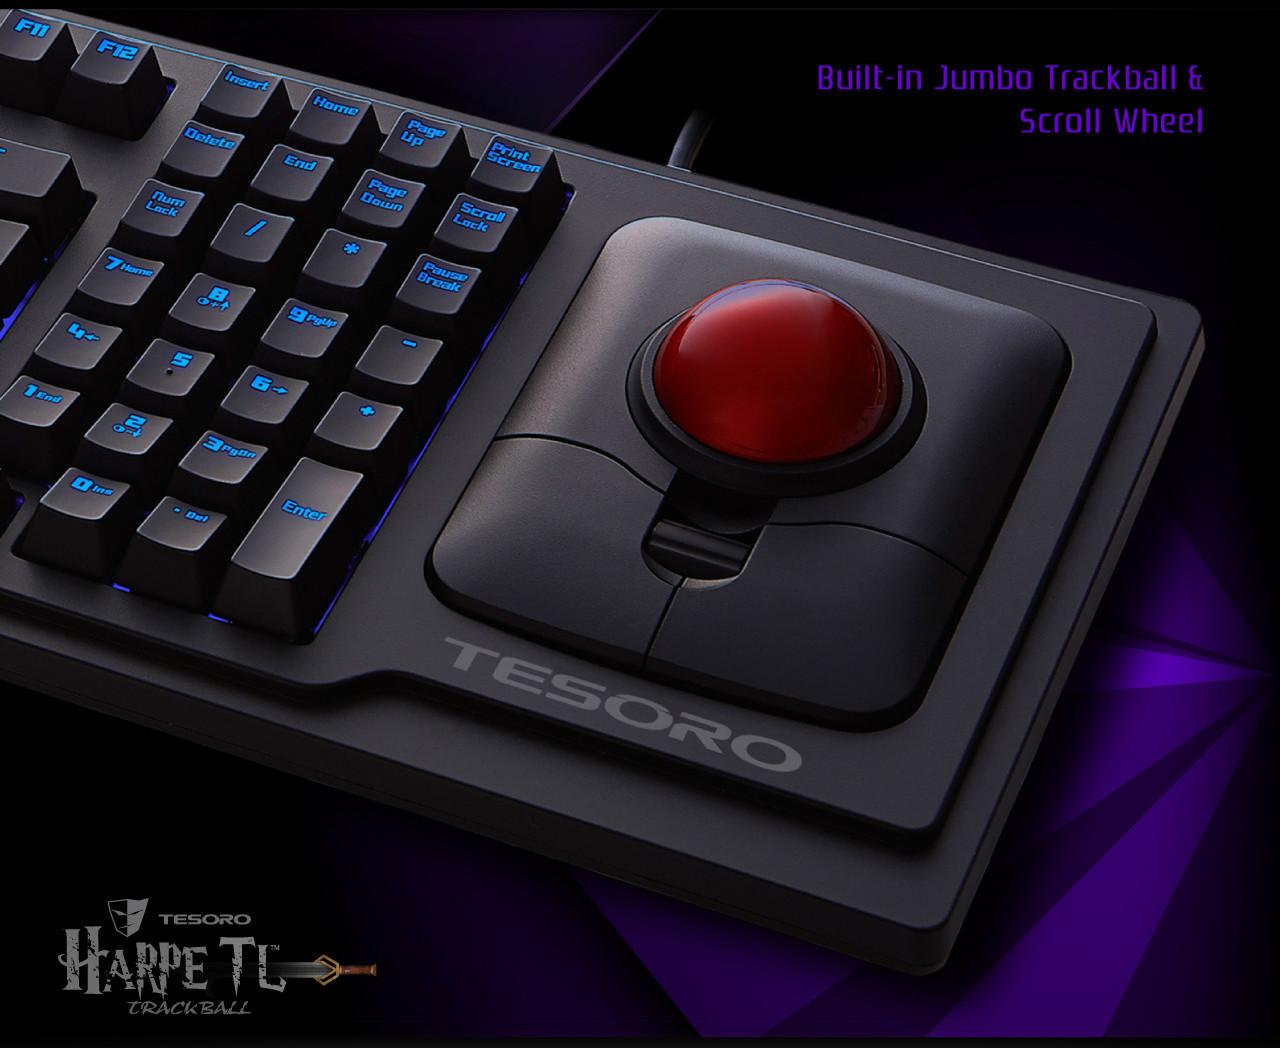 Tesoro G6TL Keyboard with Trackball